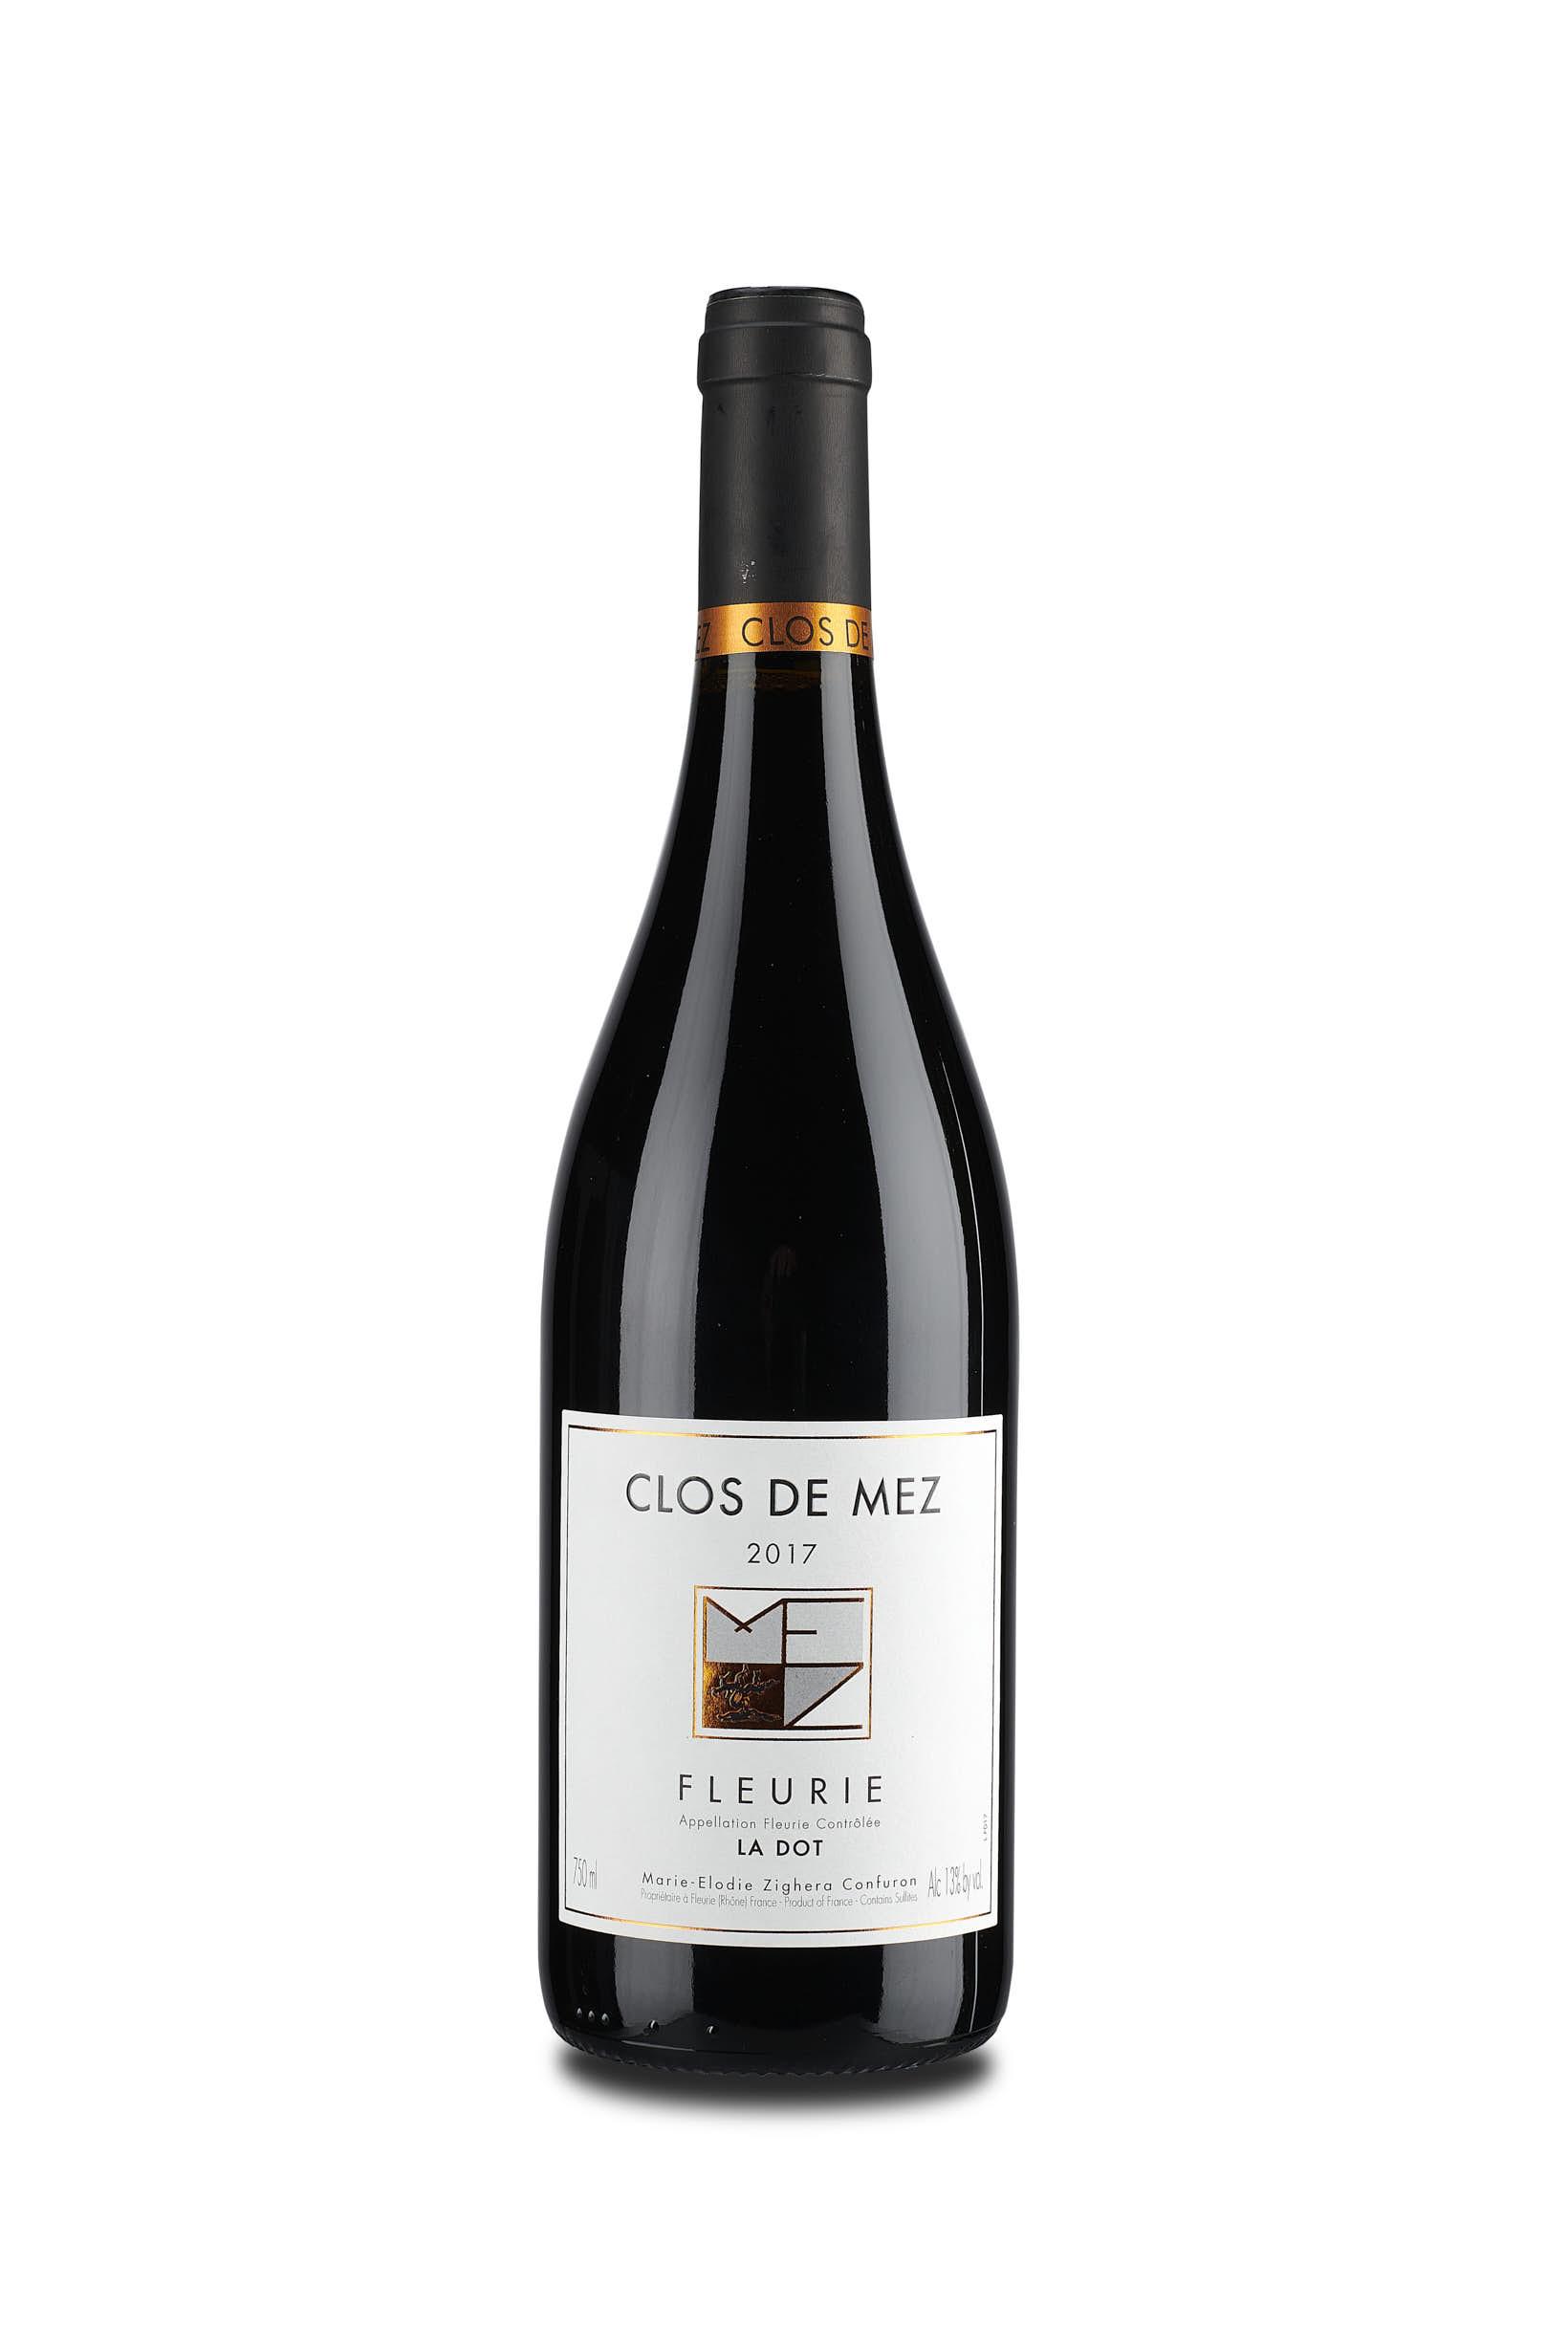 Clos de Mez Fleurie cru Beaujolais